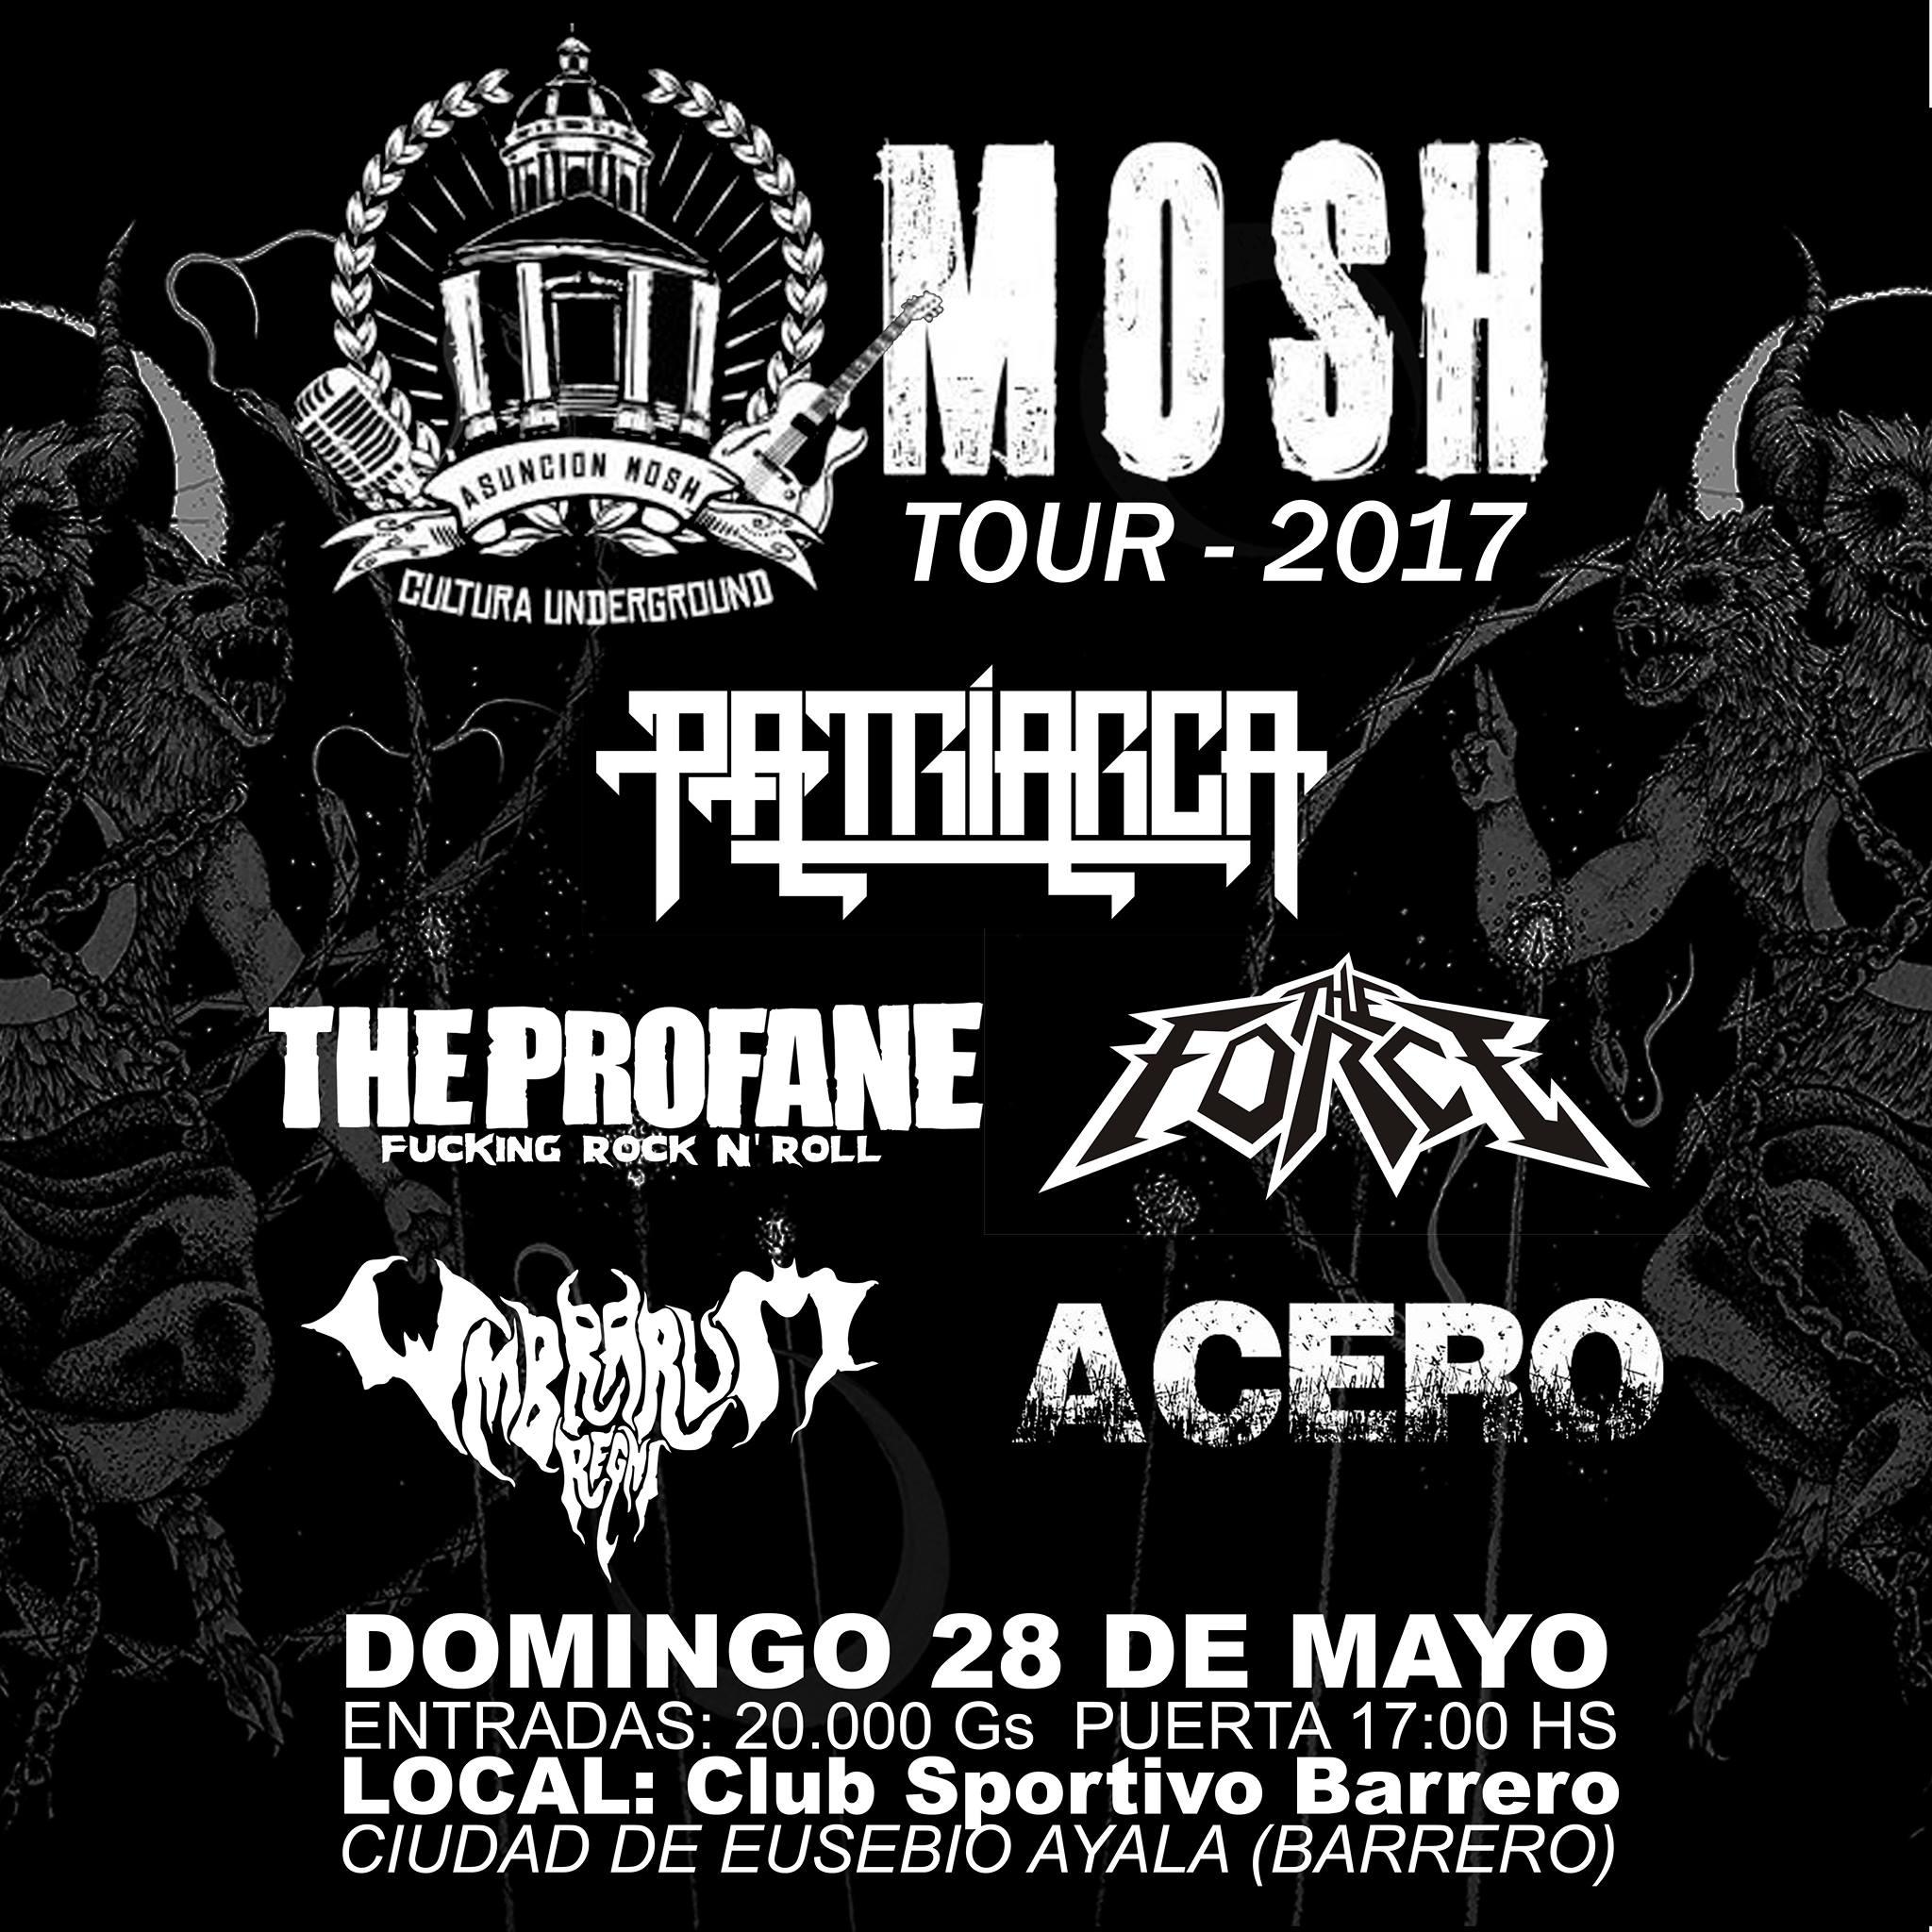 Mosh Tour 2017 en la ciudad de Barrero